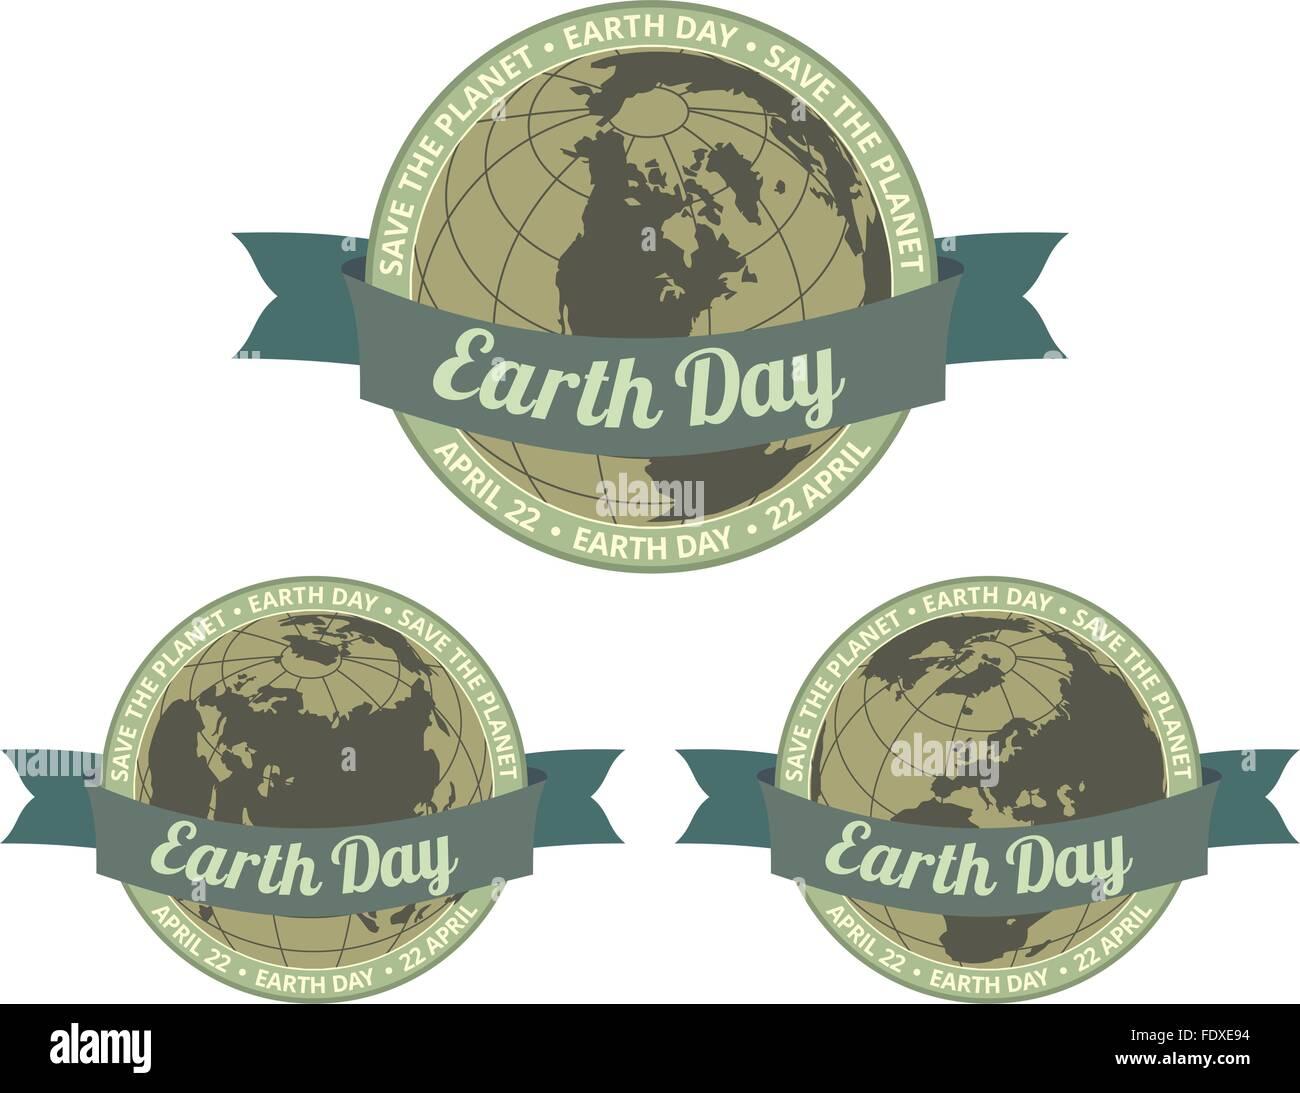 Conjunto de globos con el día de la tierra escrito en el viejo estilo de banner y salvar el planeta lema alrededor. Imagen De Stock